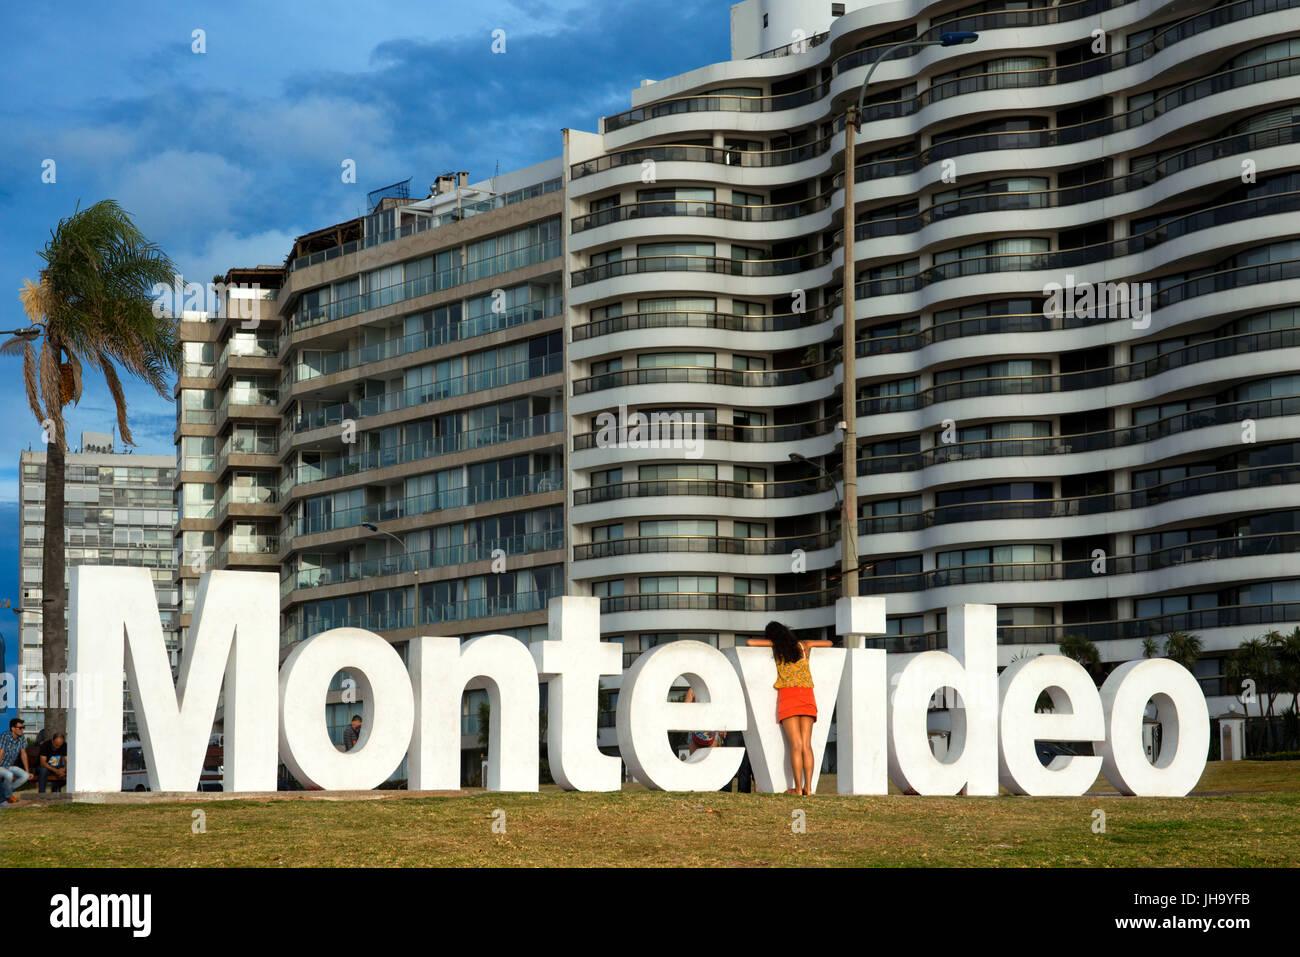 Montevideo écrit en lettres géantes à l'accès de la ville, Montevideo, Uruguay Photo Stock